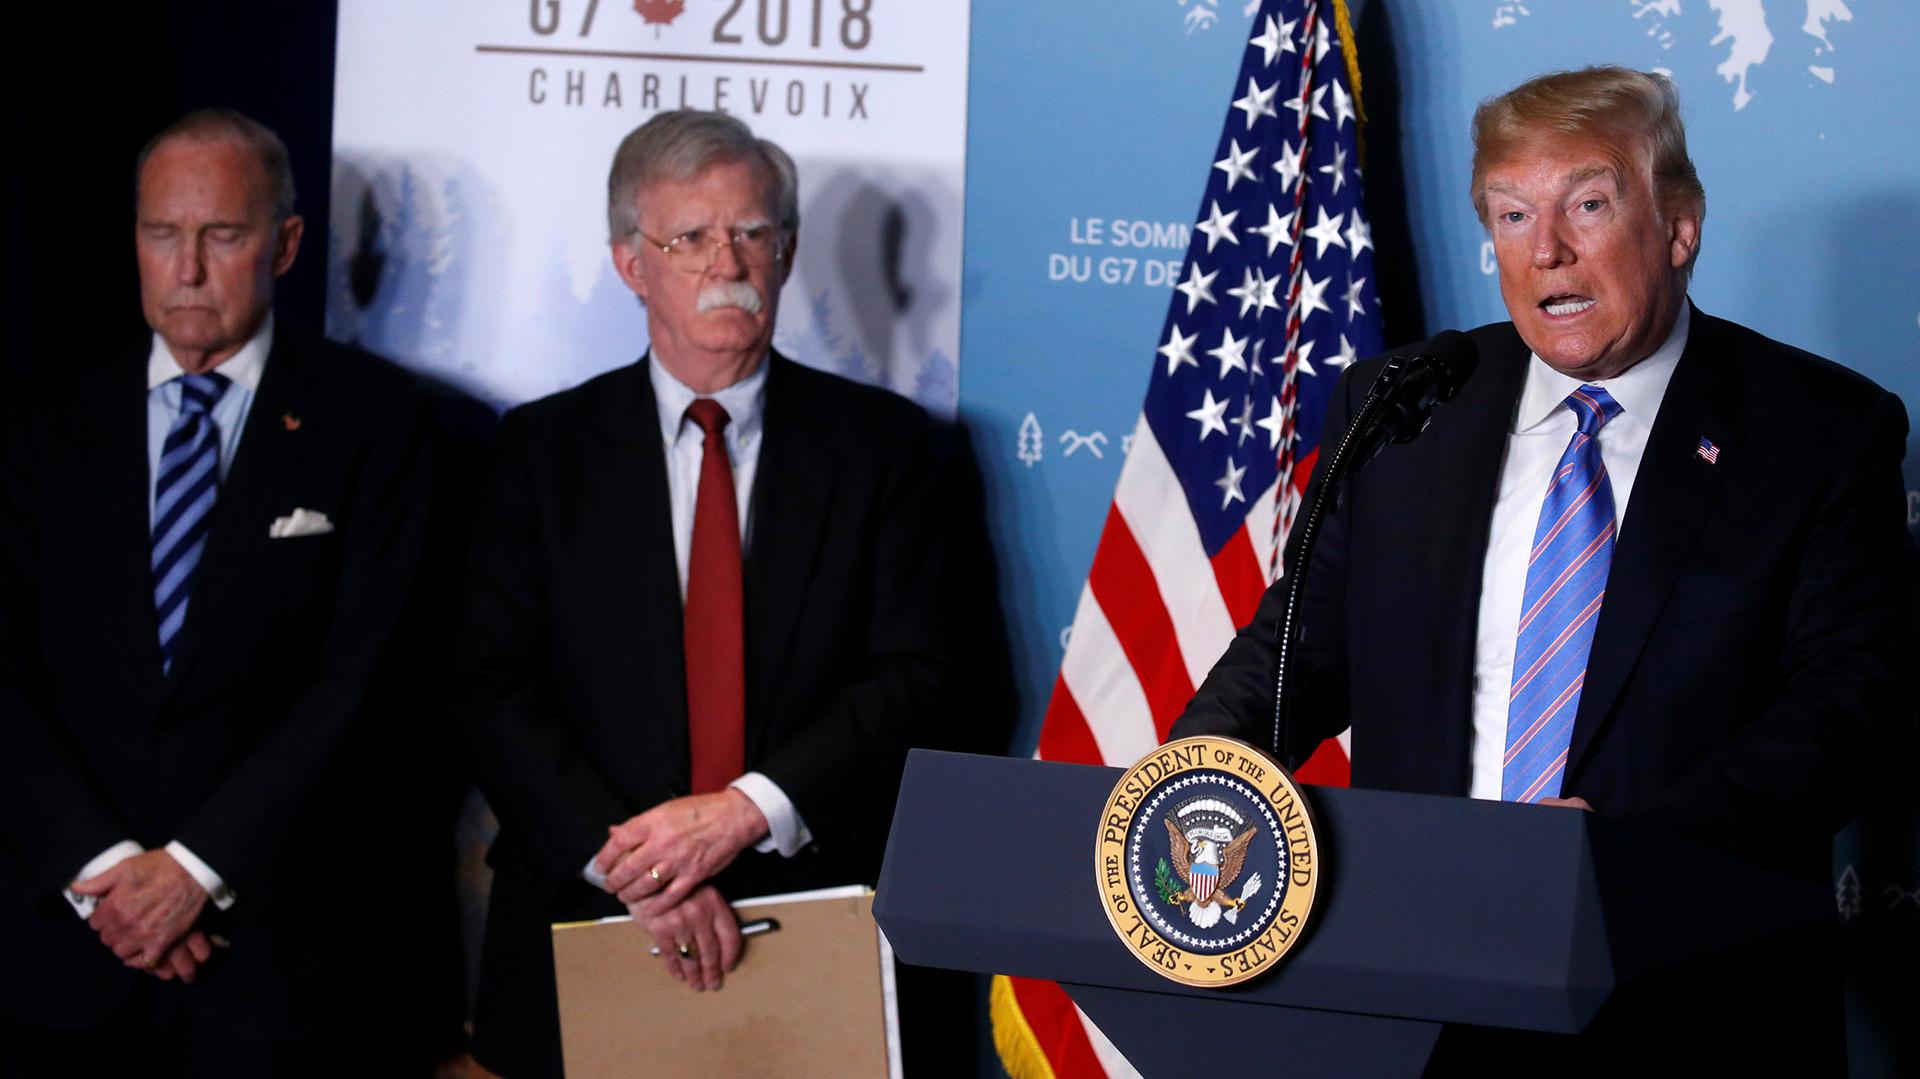 Jonh Bolton, asesor de Seguridad Nacional e impulsor de la línea dura contra Irán, mira al presidente Donald Trump durante una conferencia de prensa en Canadá (Reuters)